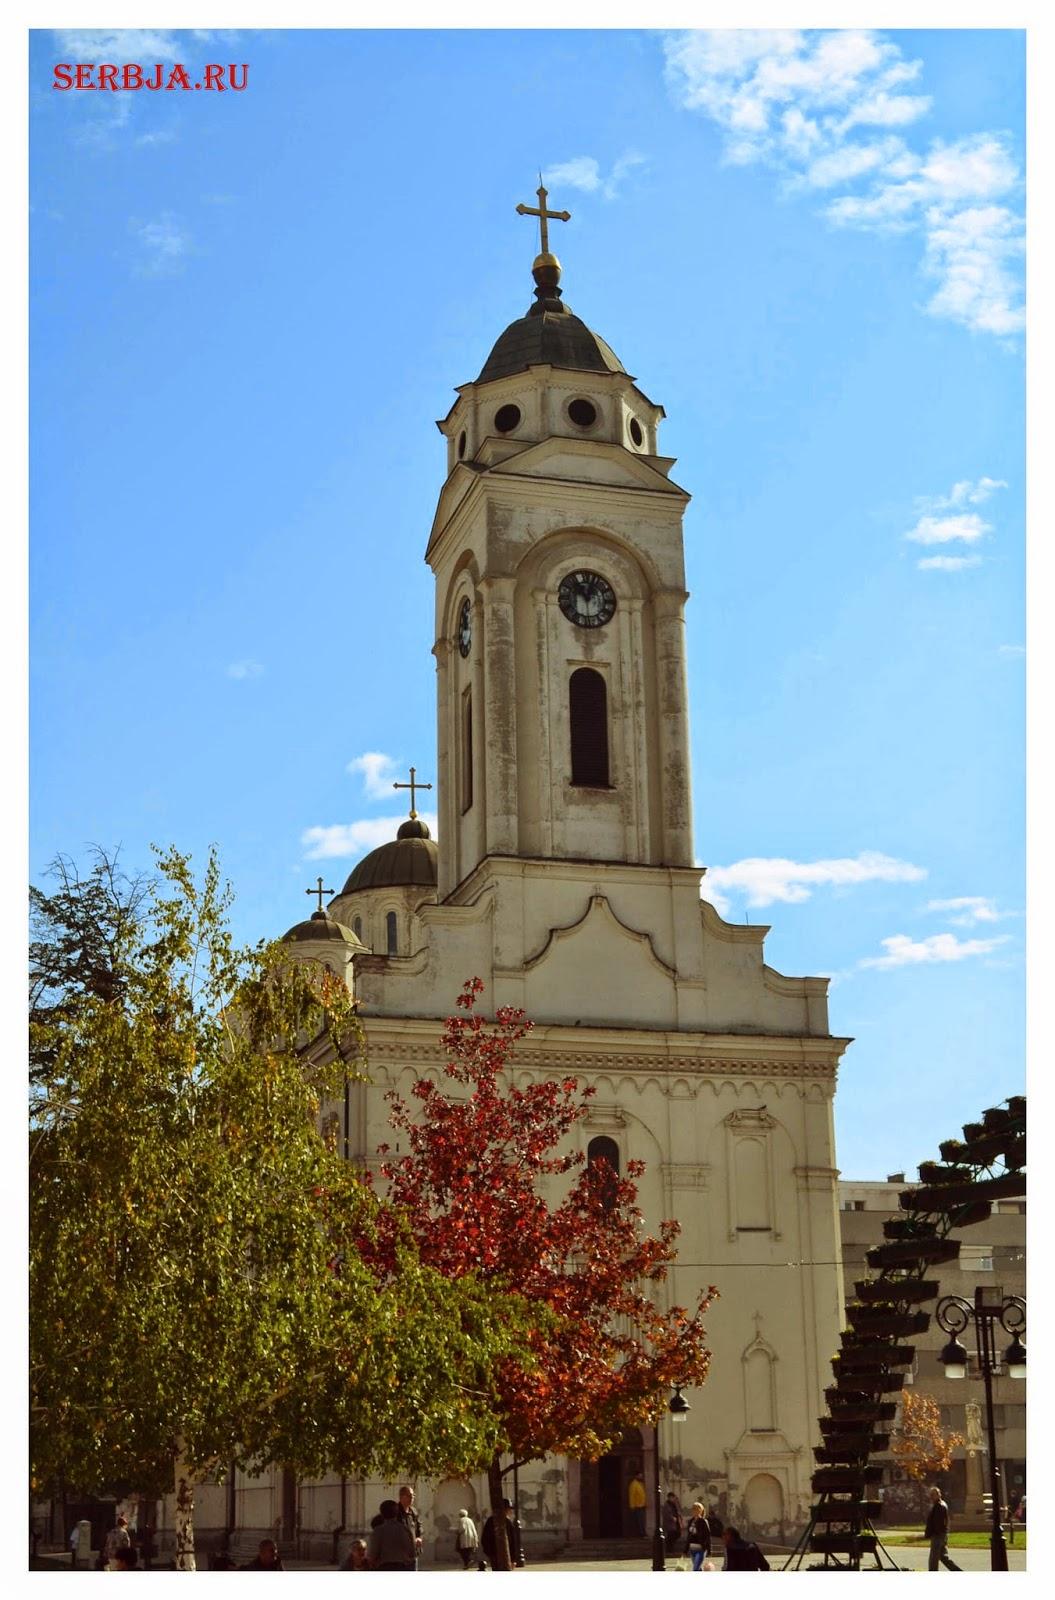 Церковь Святого Георгия